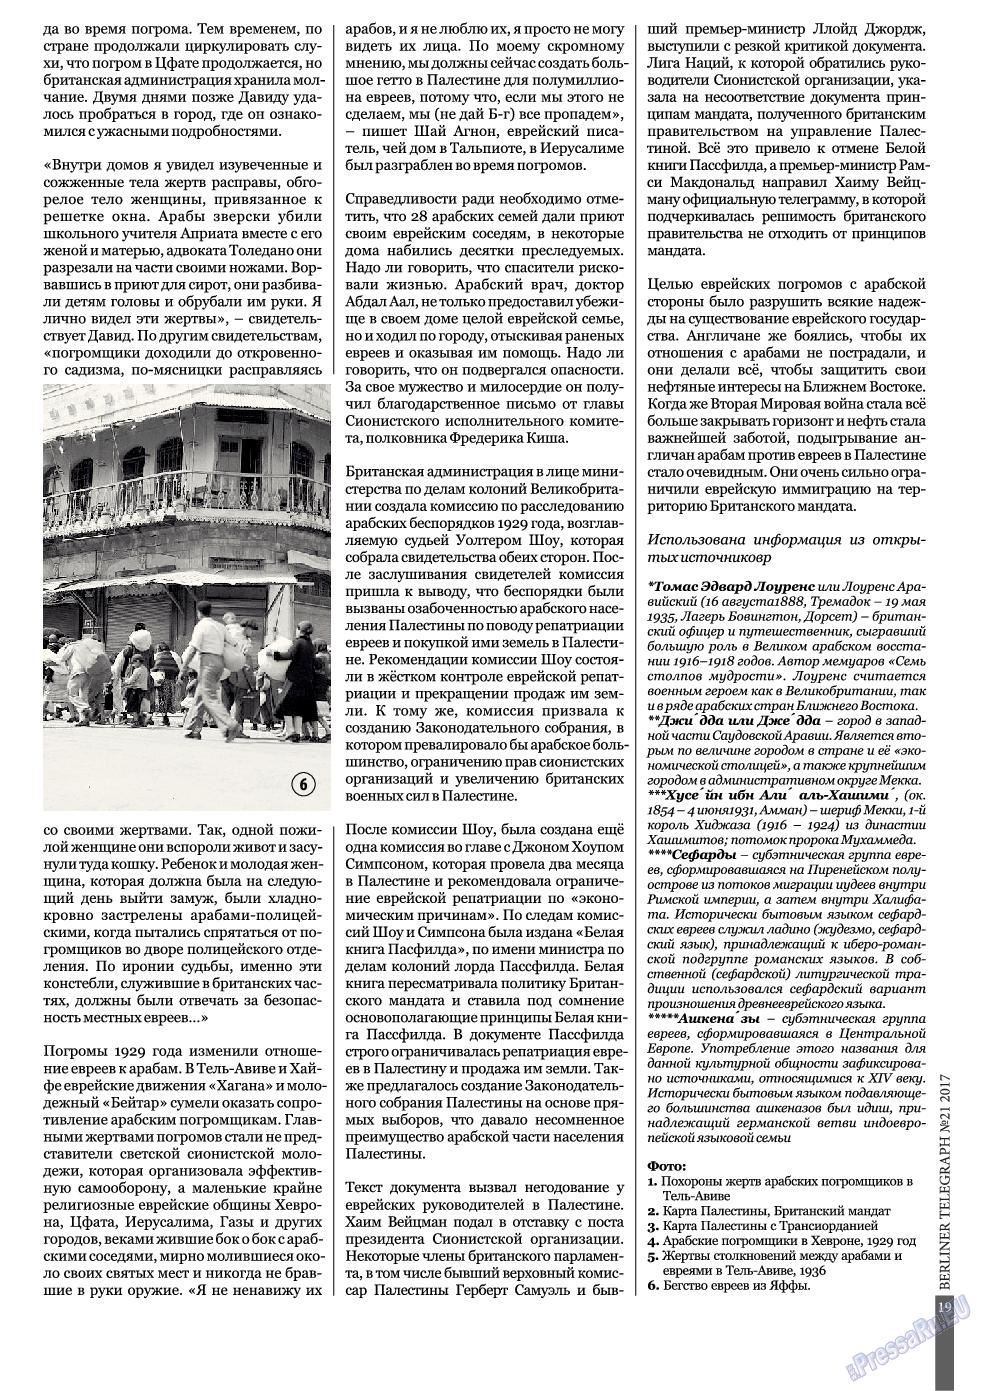 Берлинский телеграф (журнал). 2017 год, номер 21, стр. 19